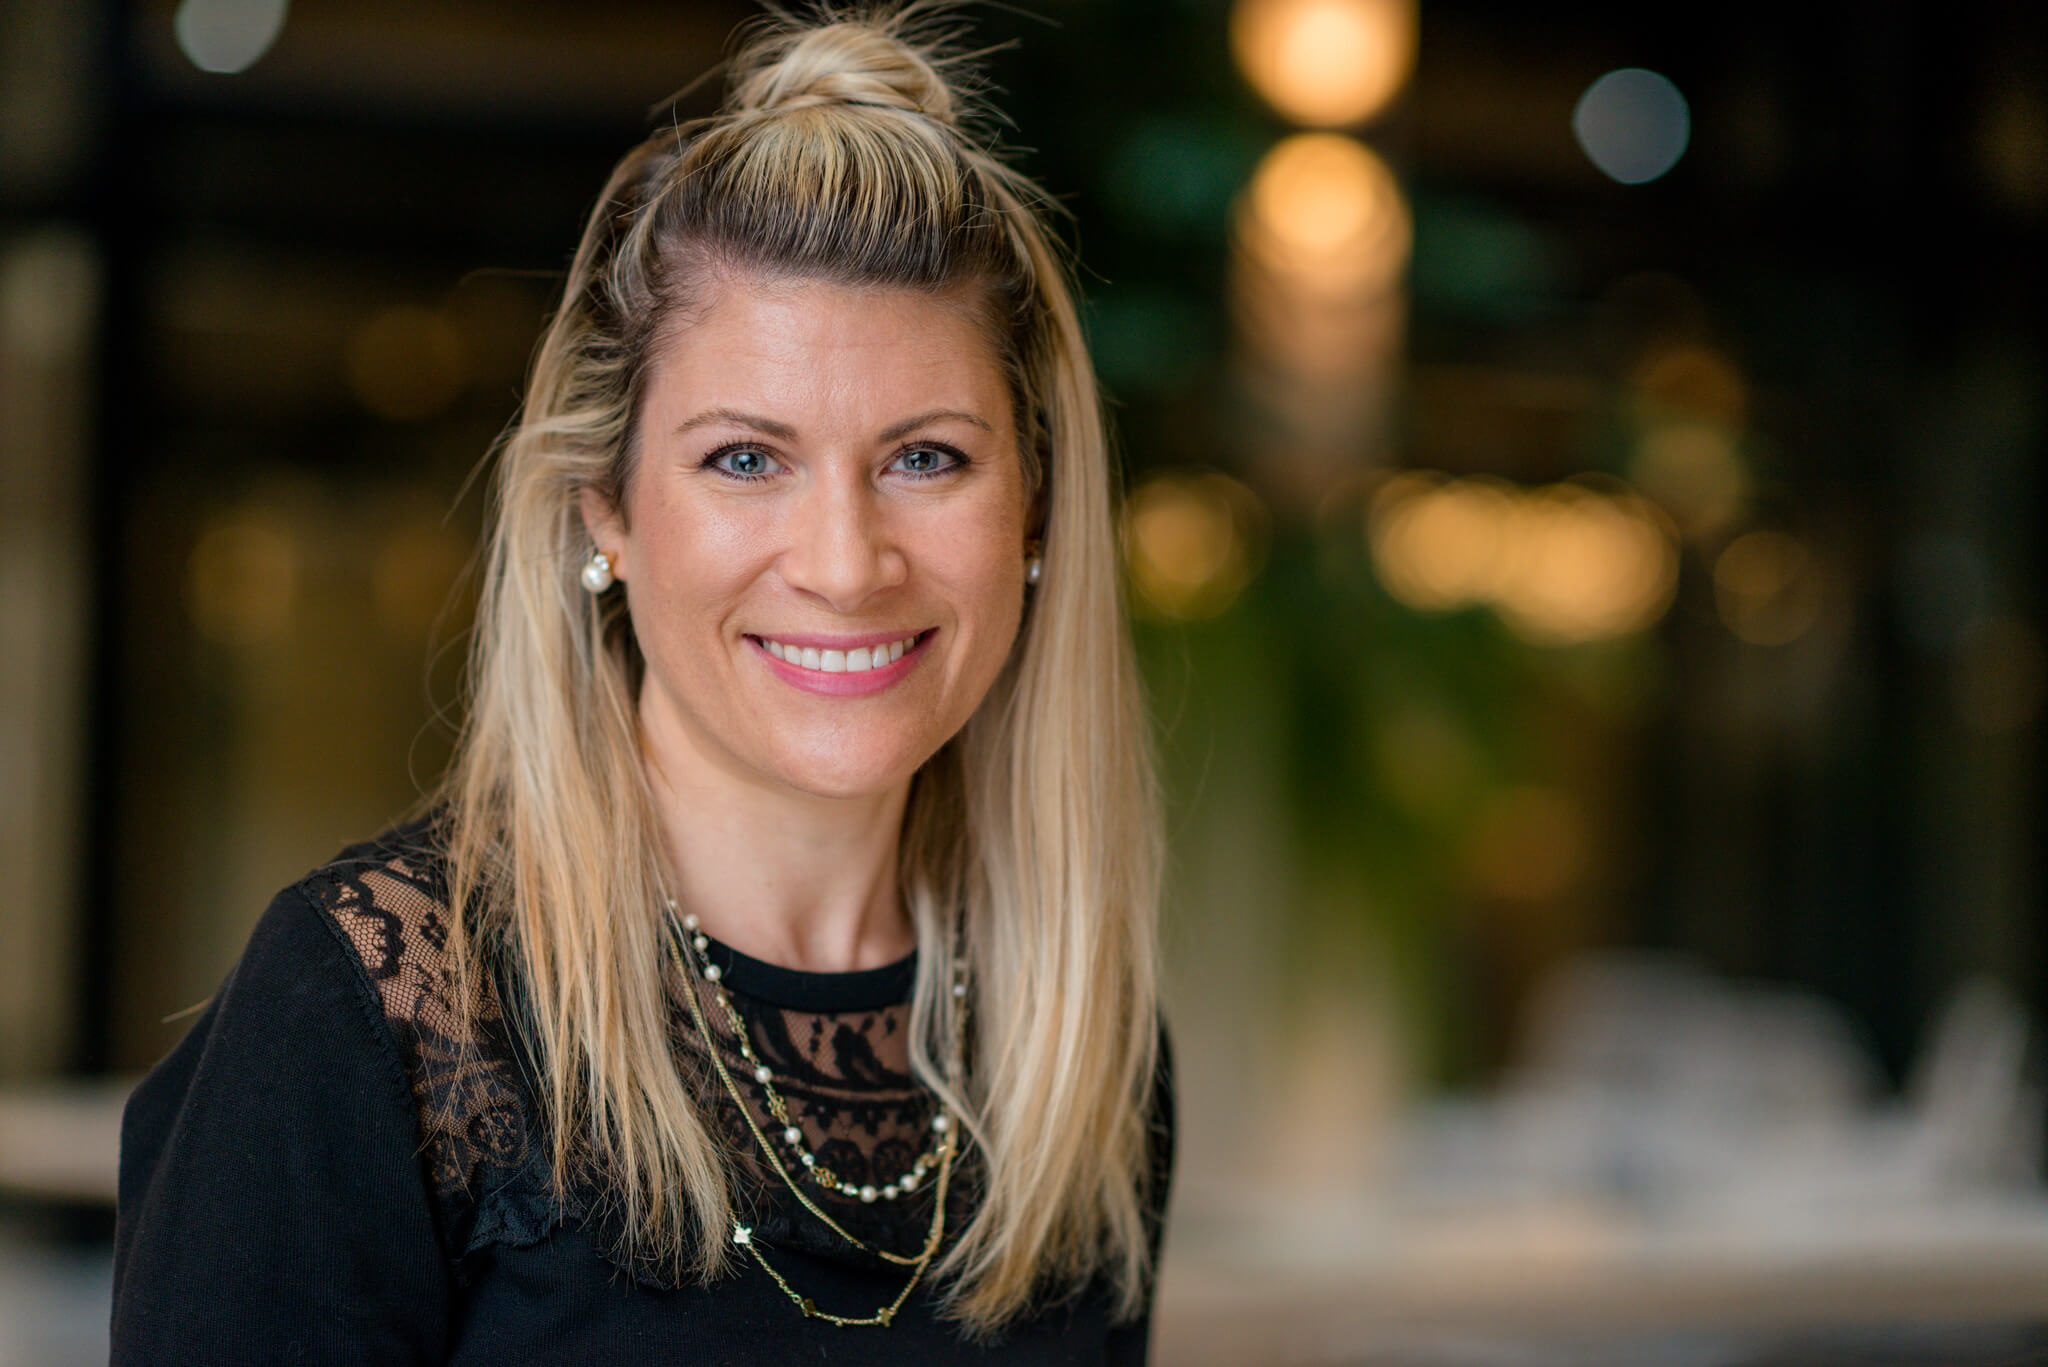 Belinda Sinclair